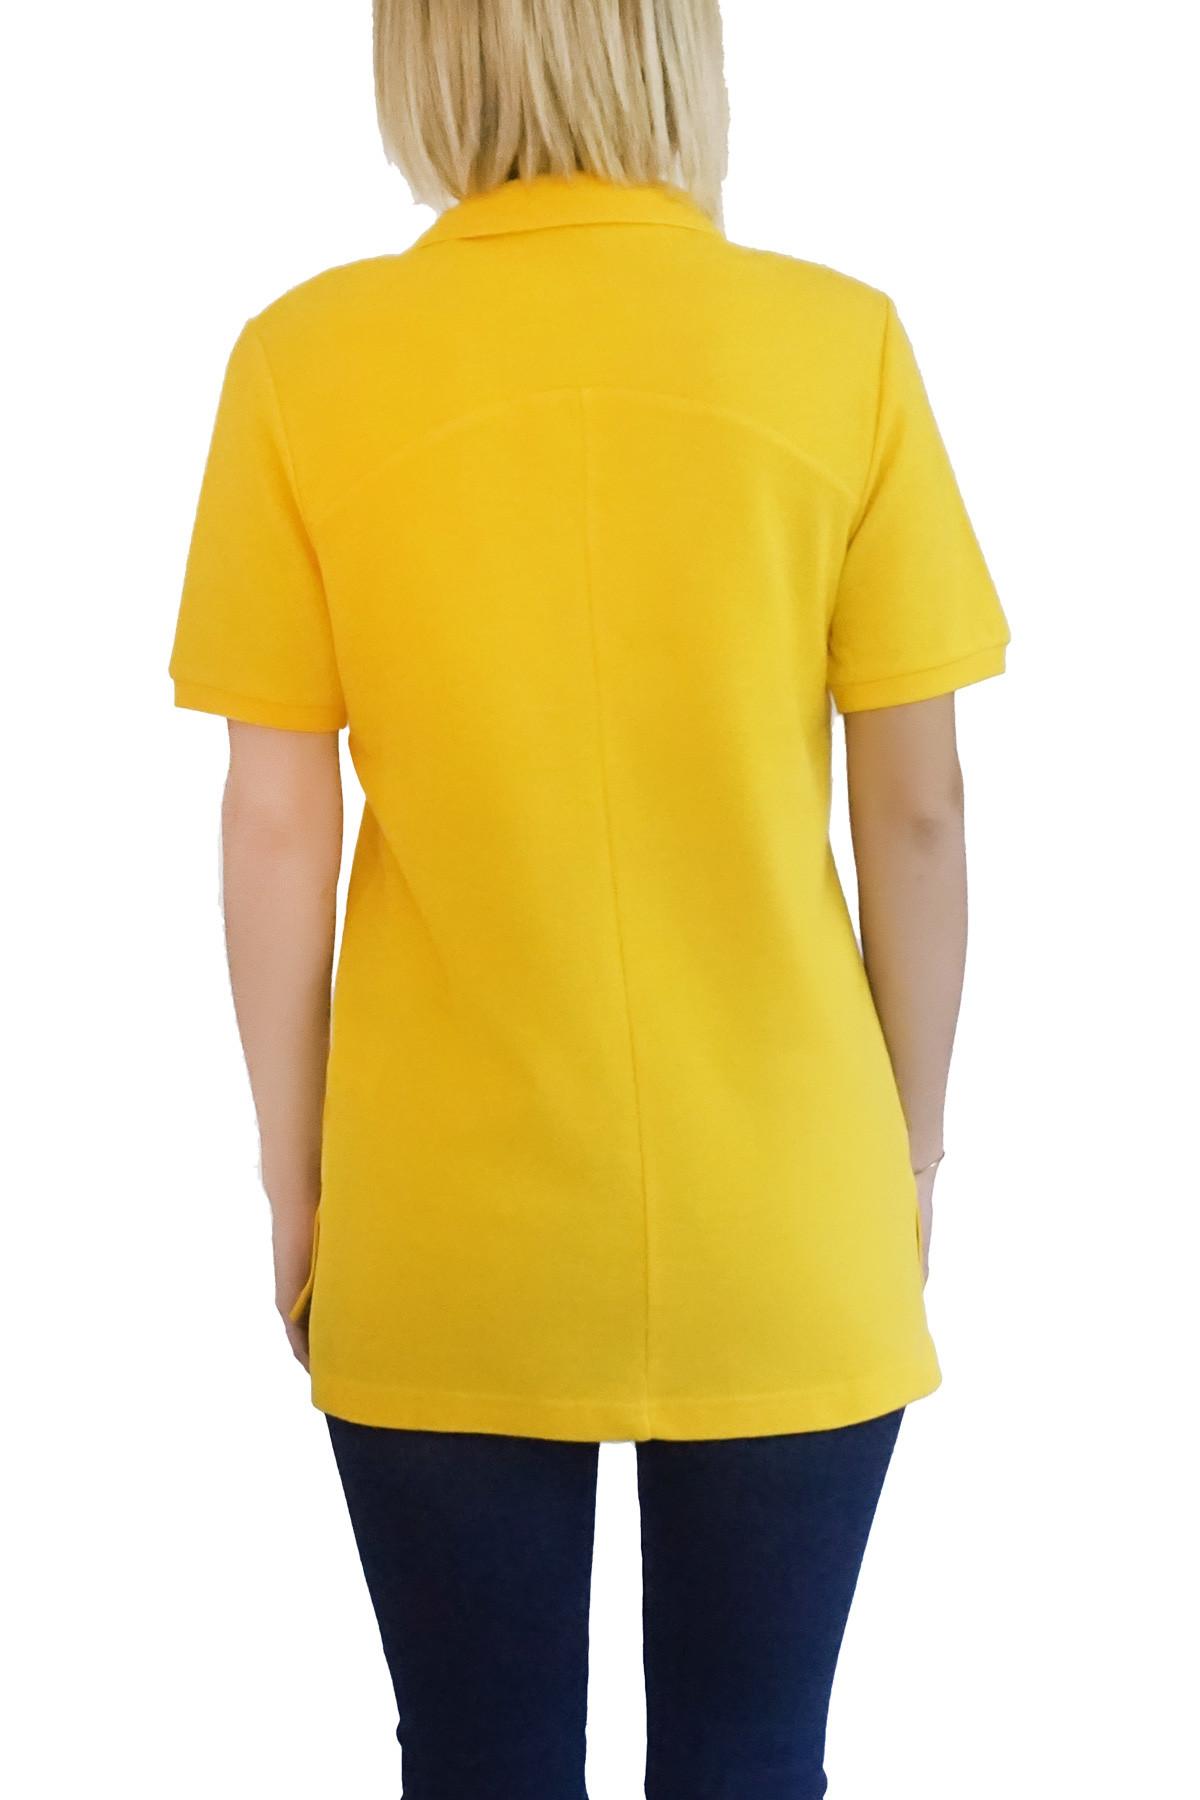 MOF Kadın Sarı T-Shirt POLO-F-SA 2